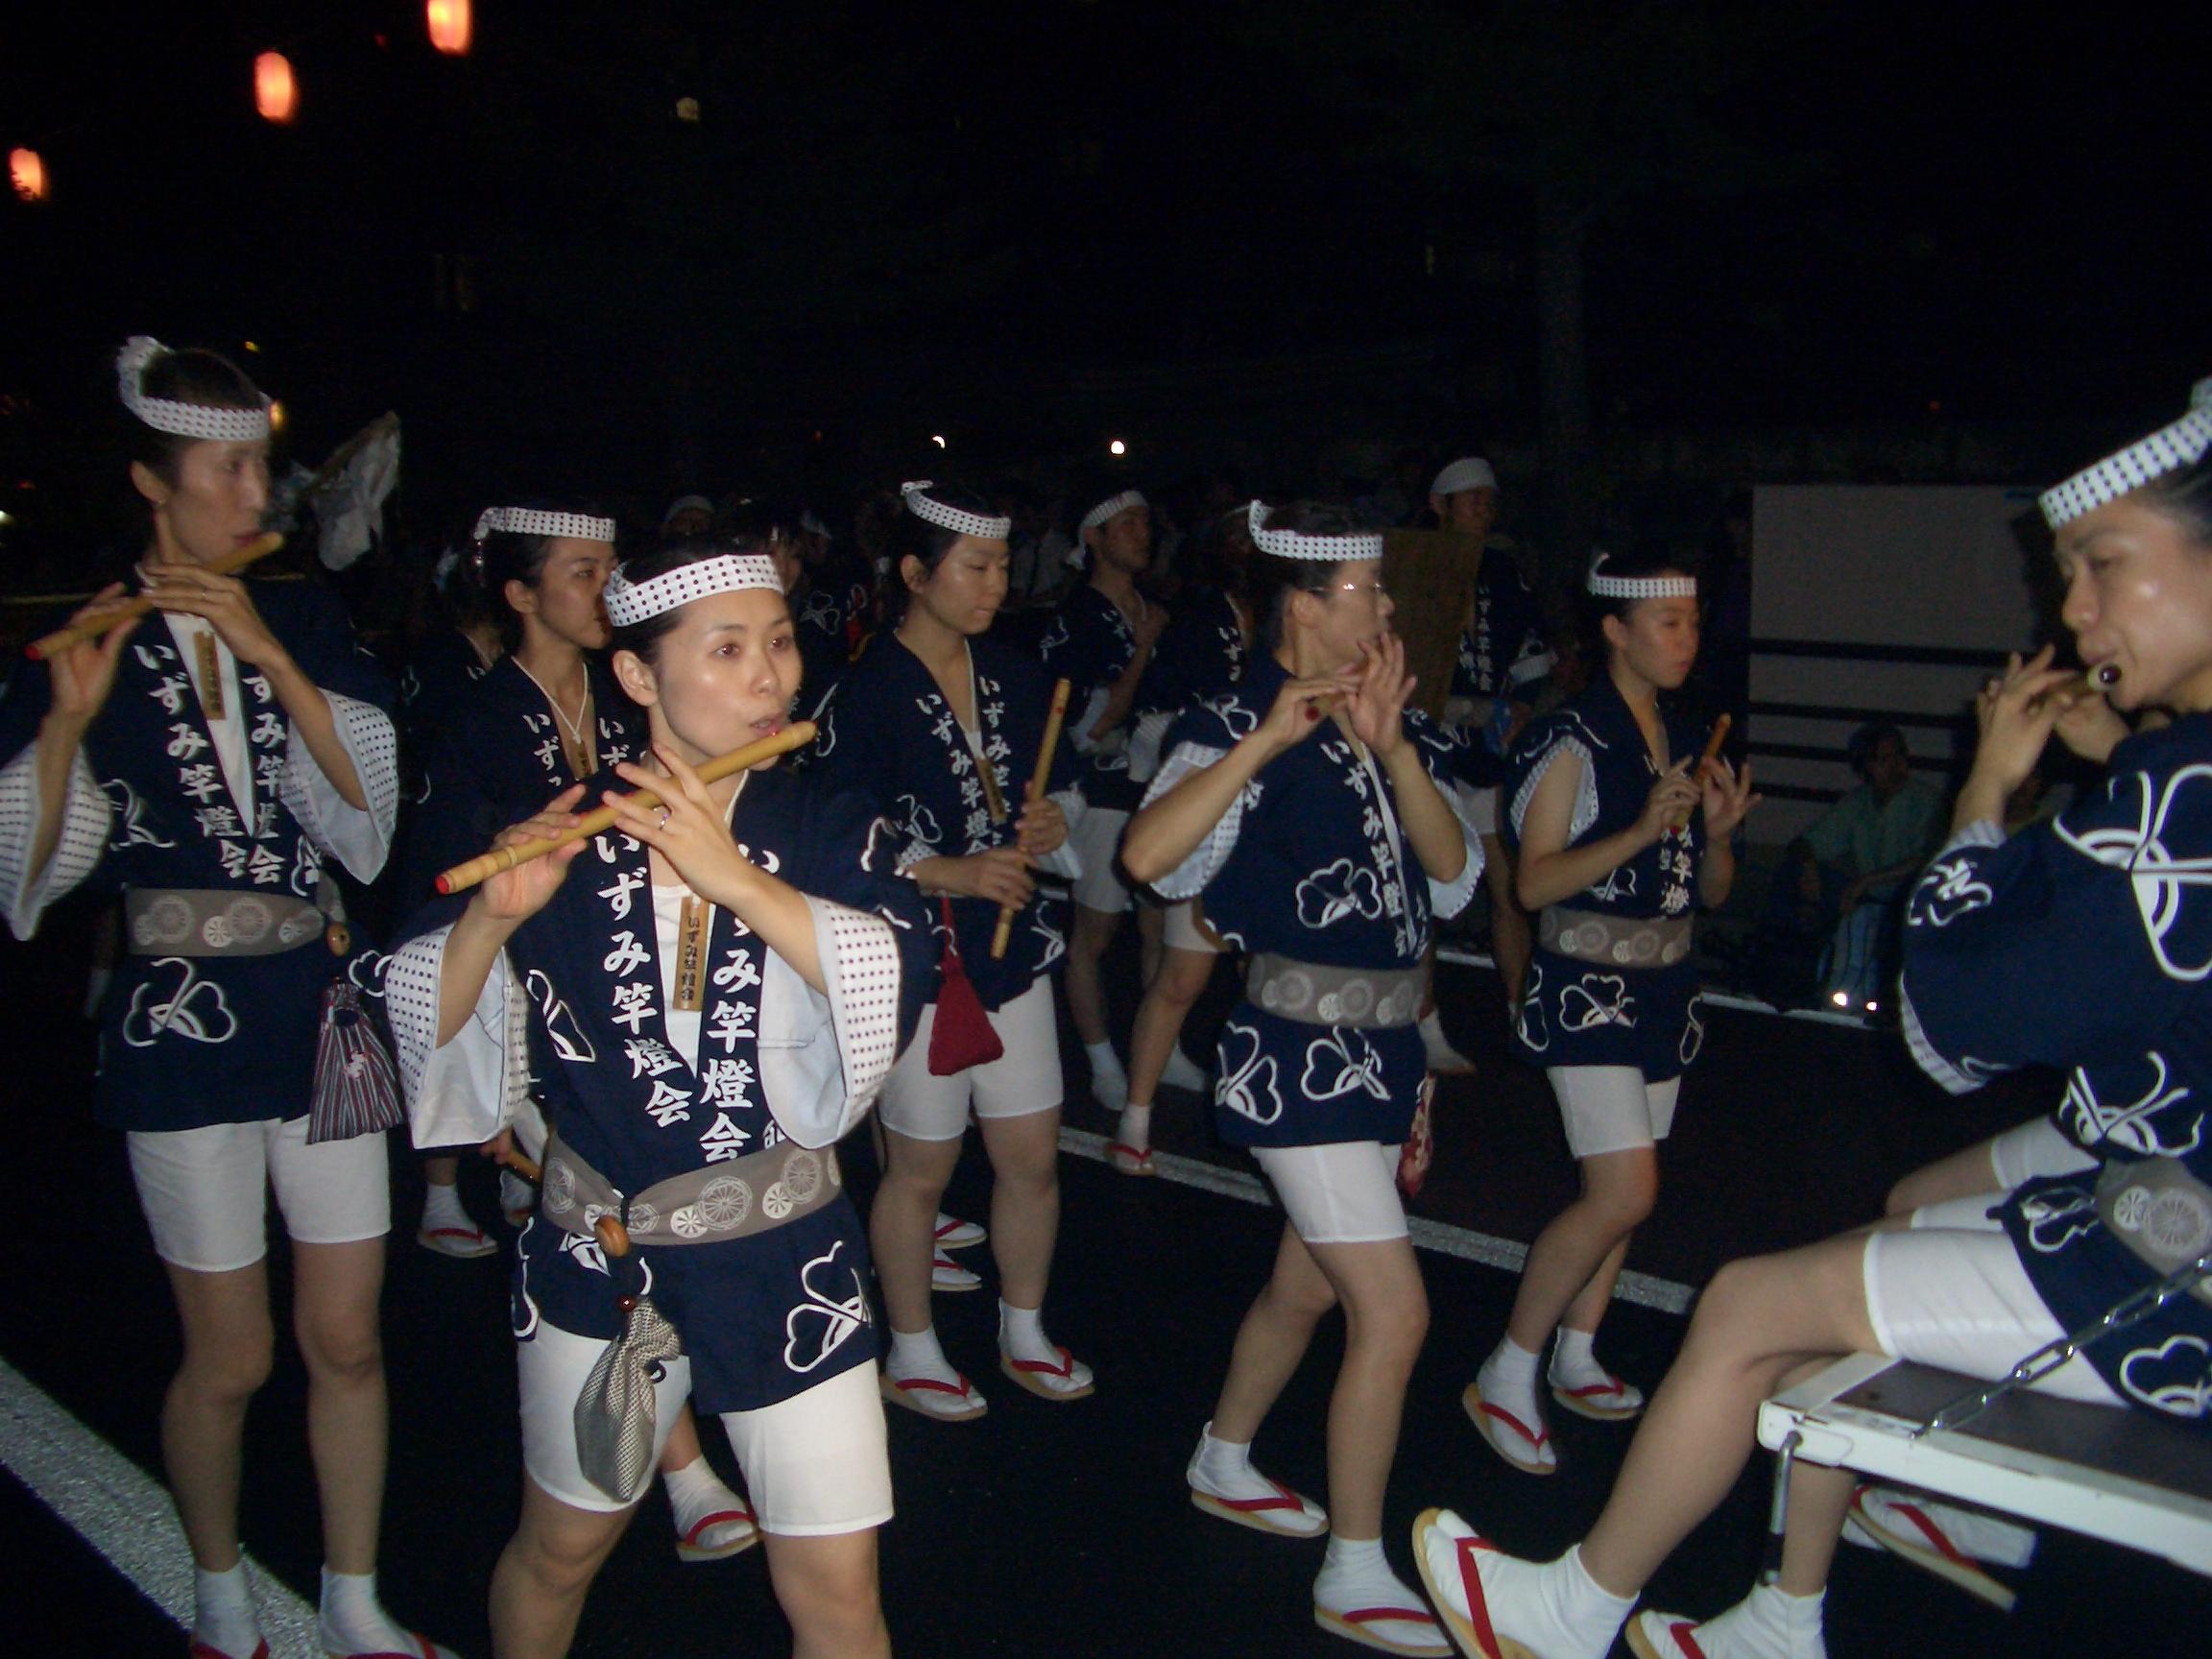 囃子の隊列